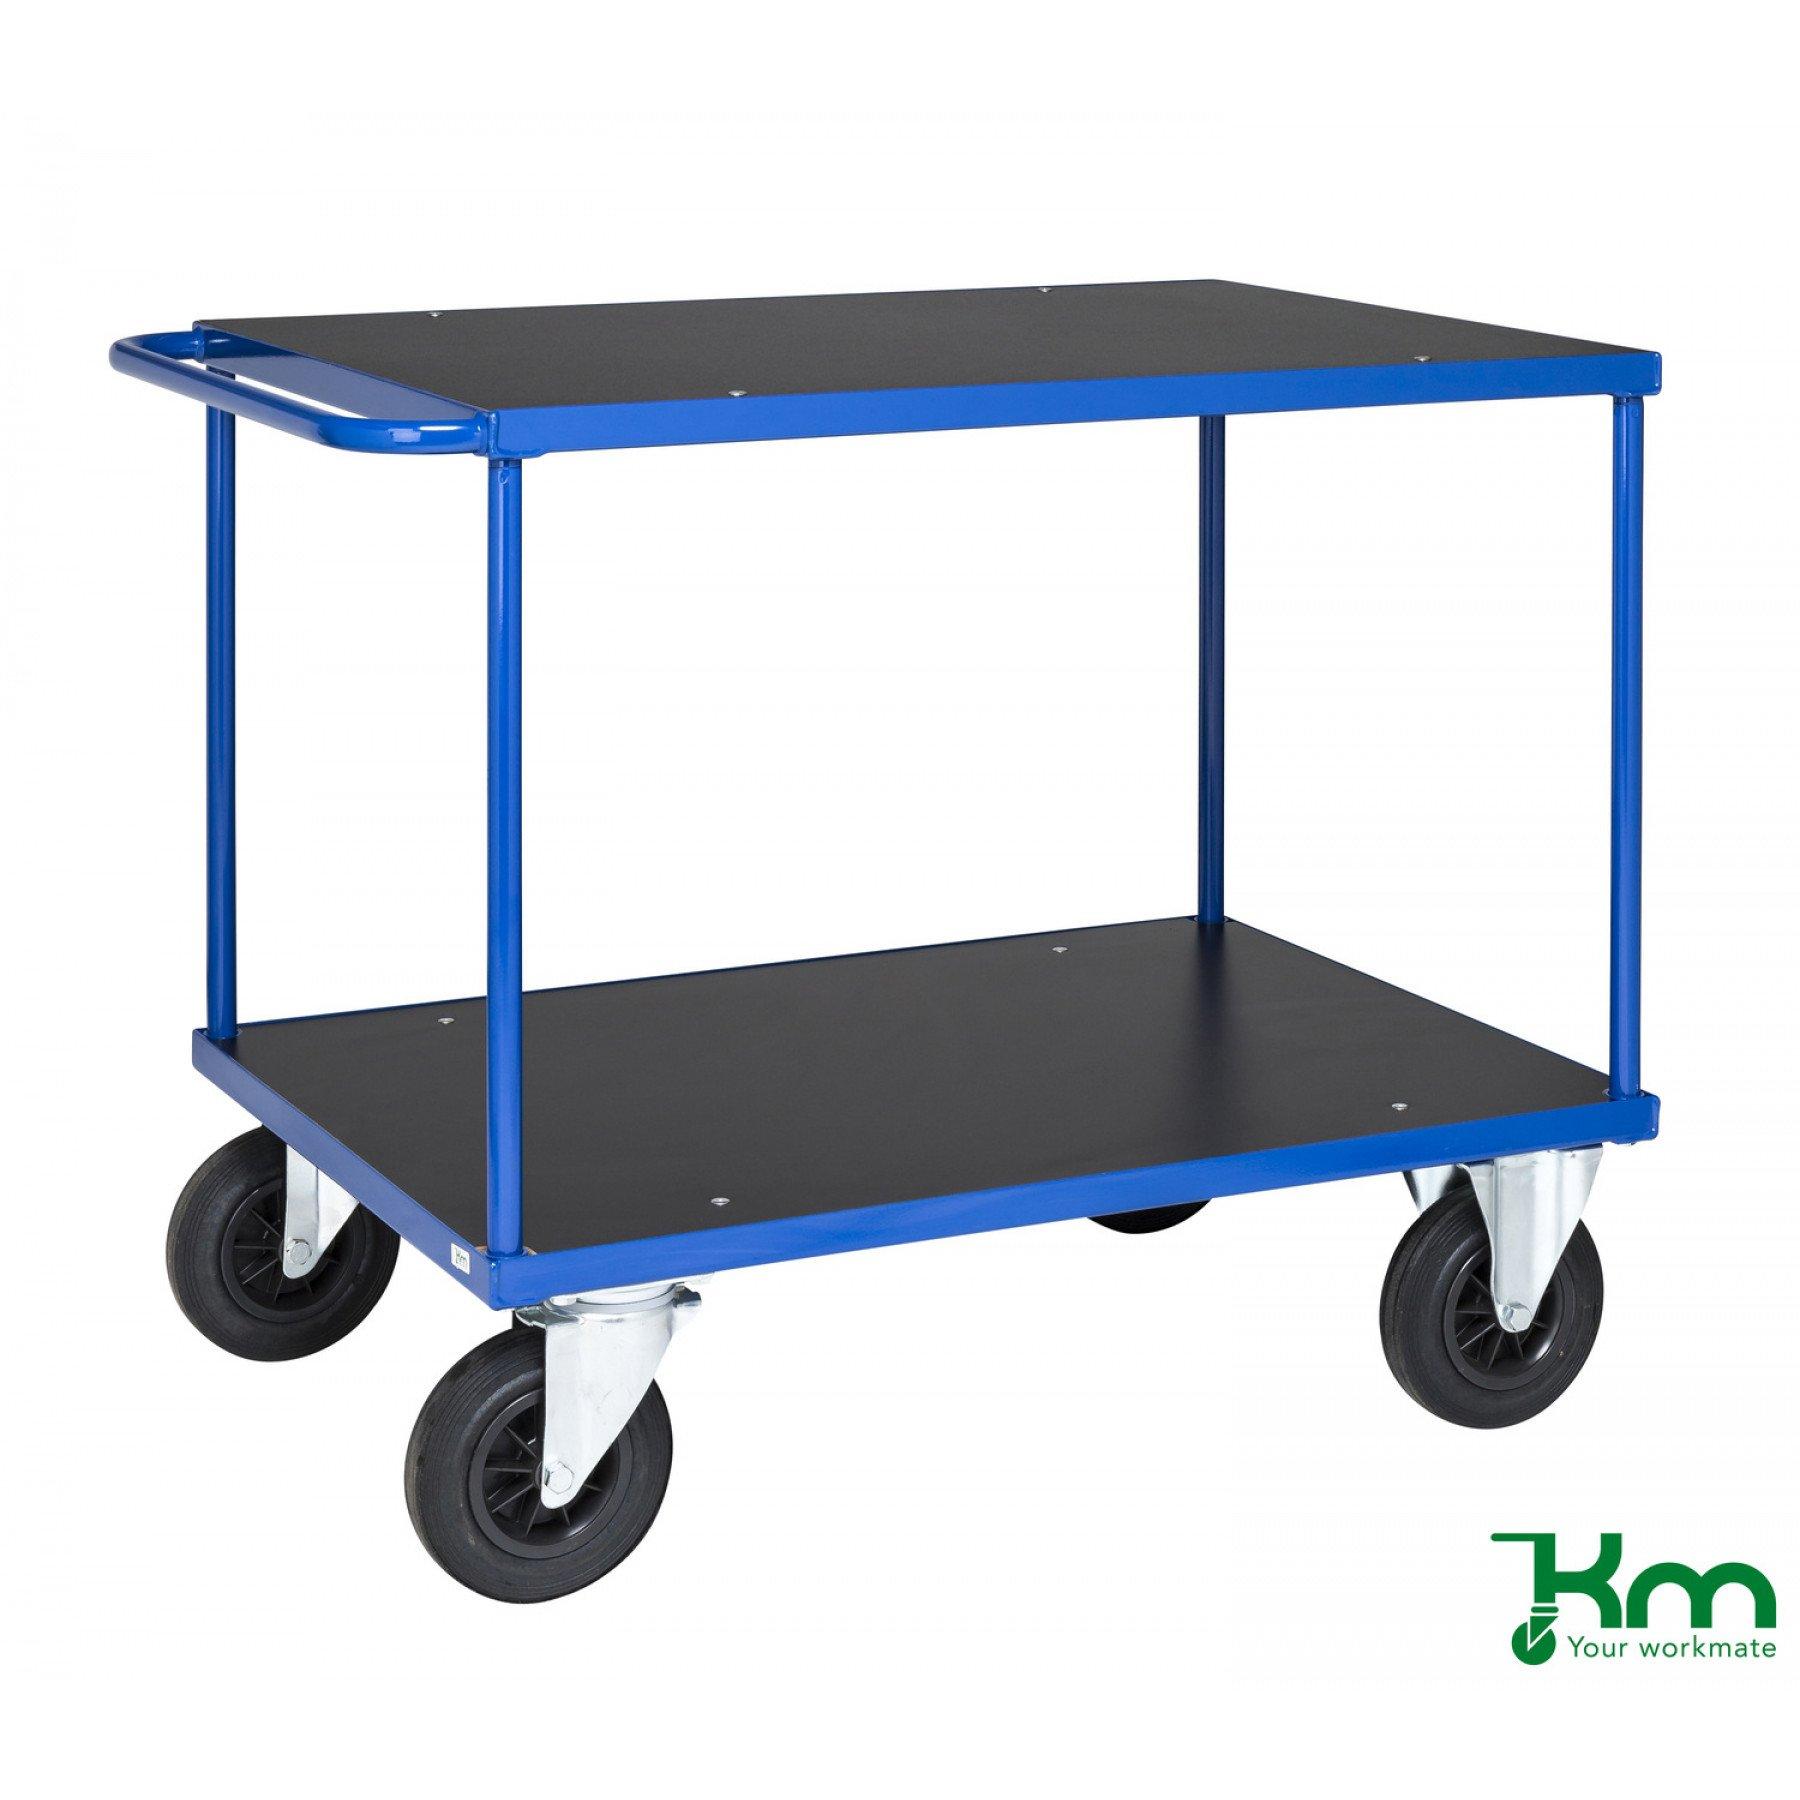 Tafelwagen 1000x700 mm, KM 337-2B